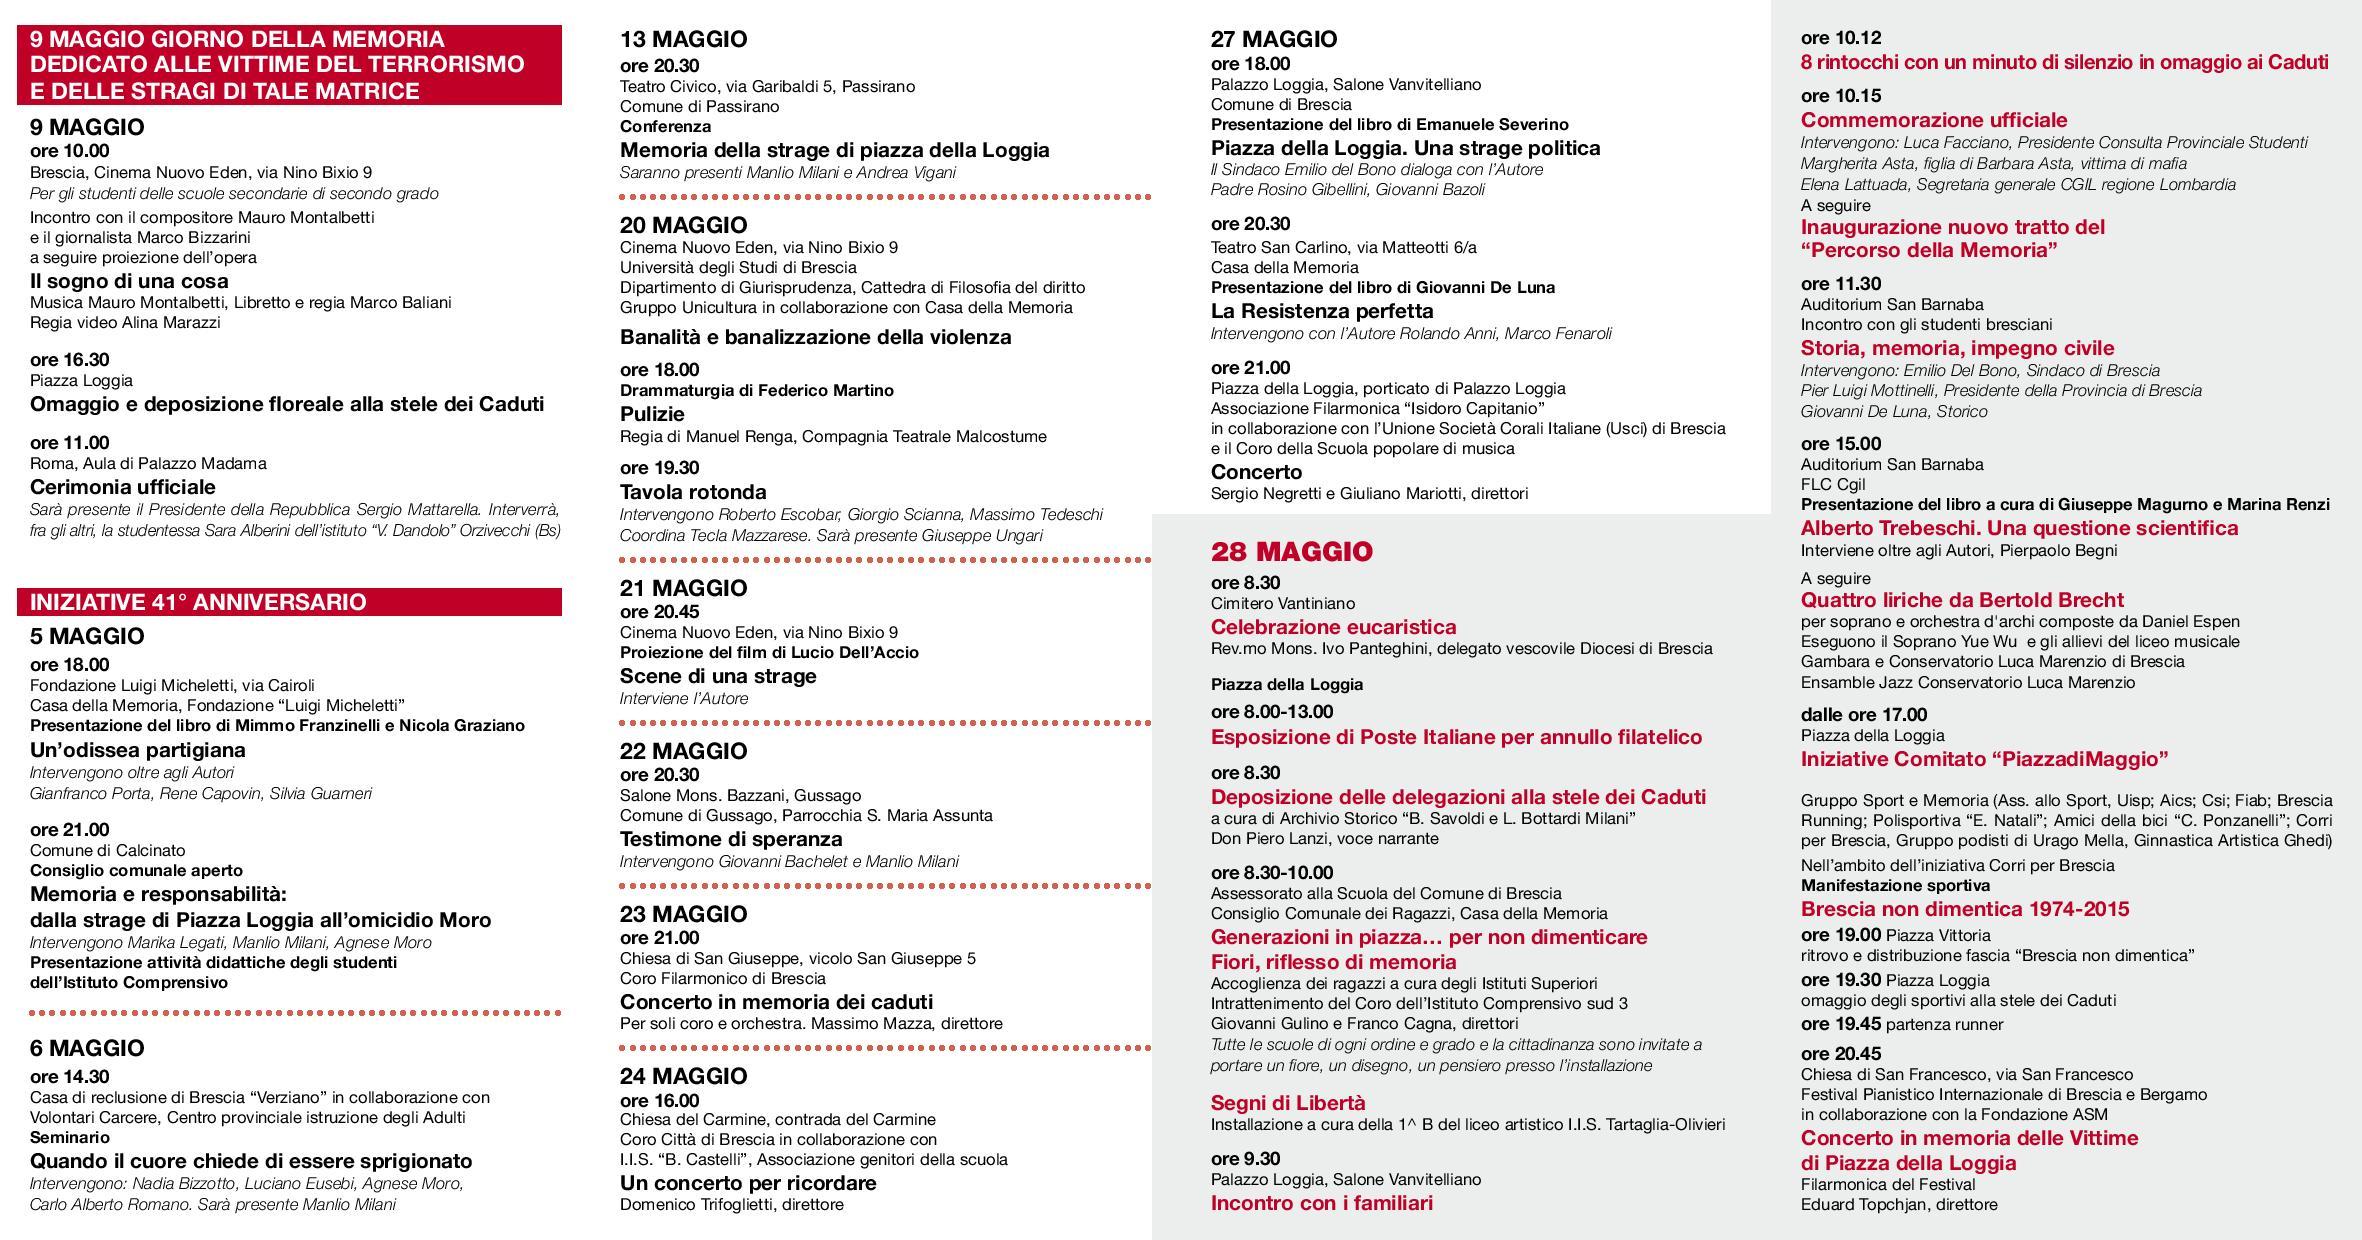 pieghevole 28 maggio 2015 web-page-002